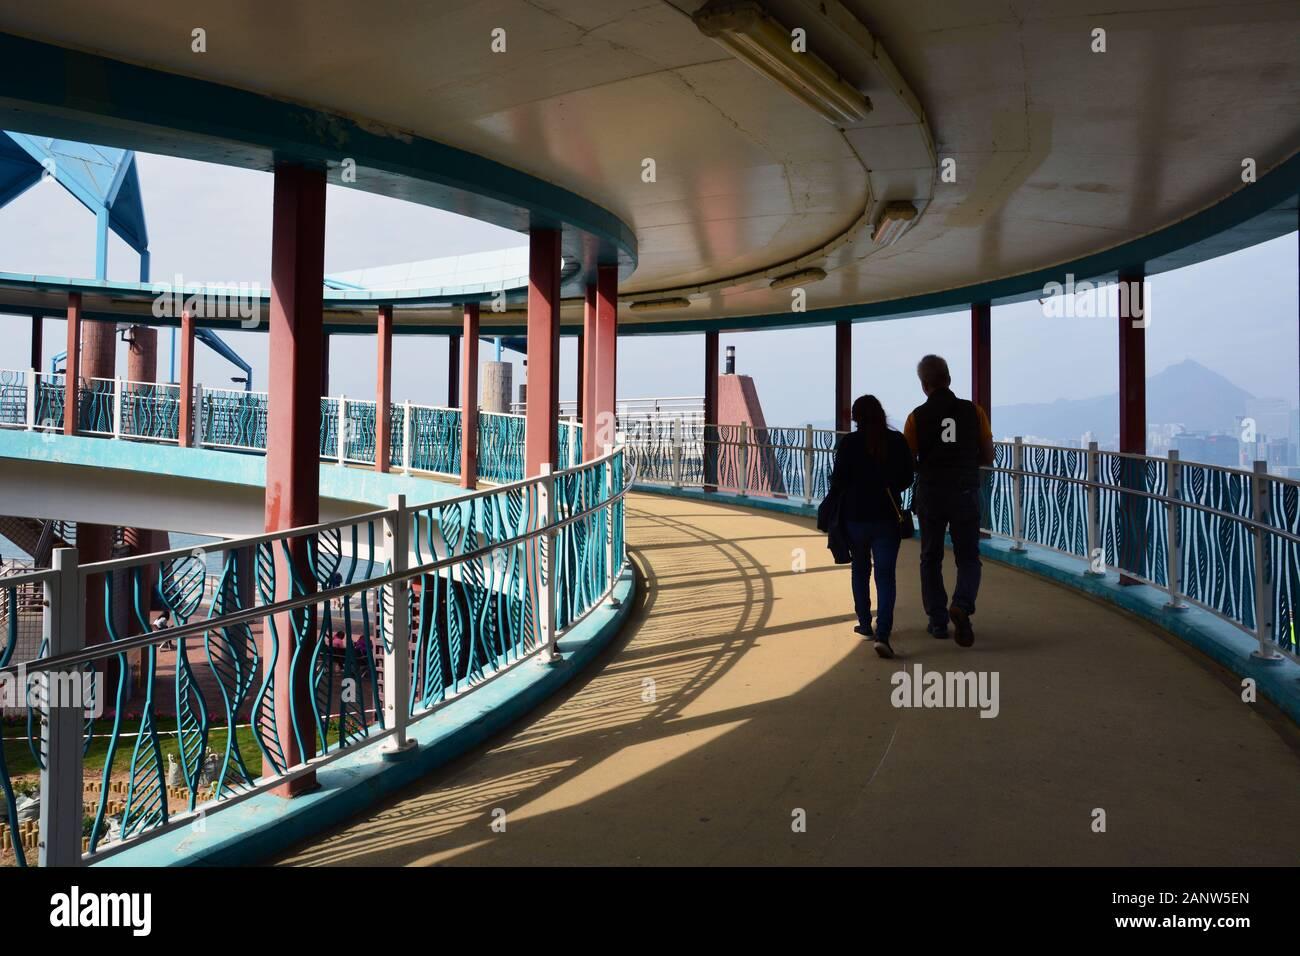 Die Fußgängerüberführung im Quarry Bay Park entlang des Victoria Harbour in Hongkong. Stockfoto